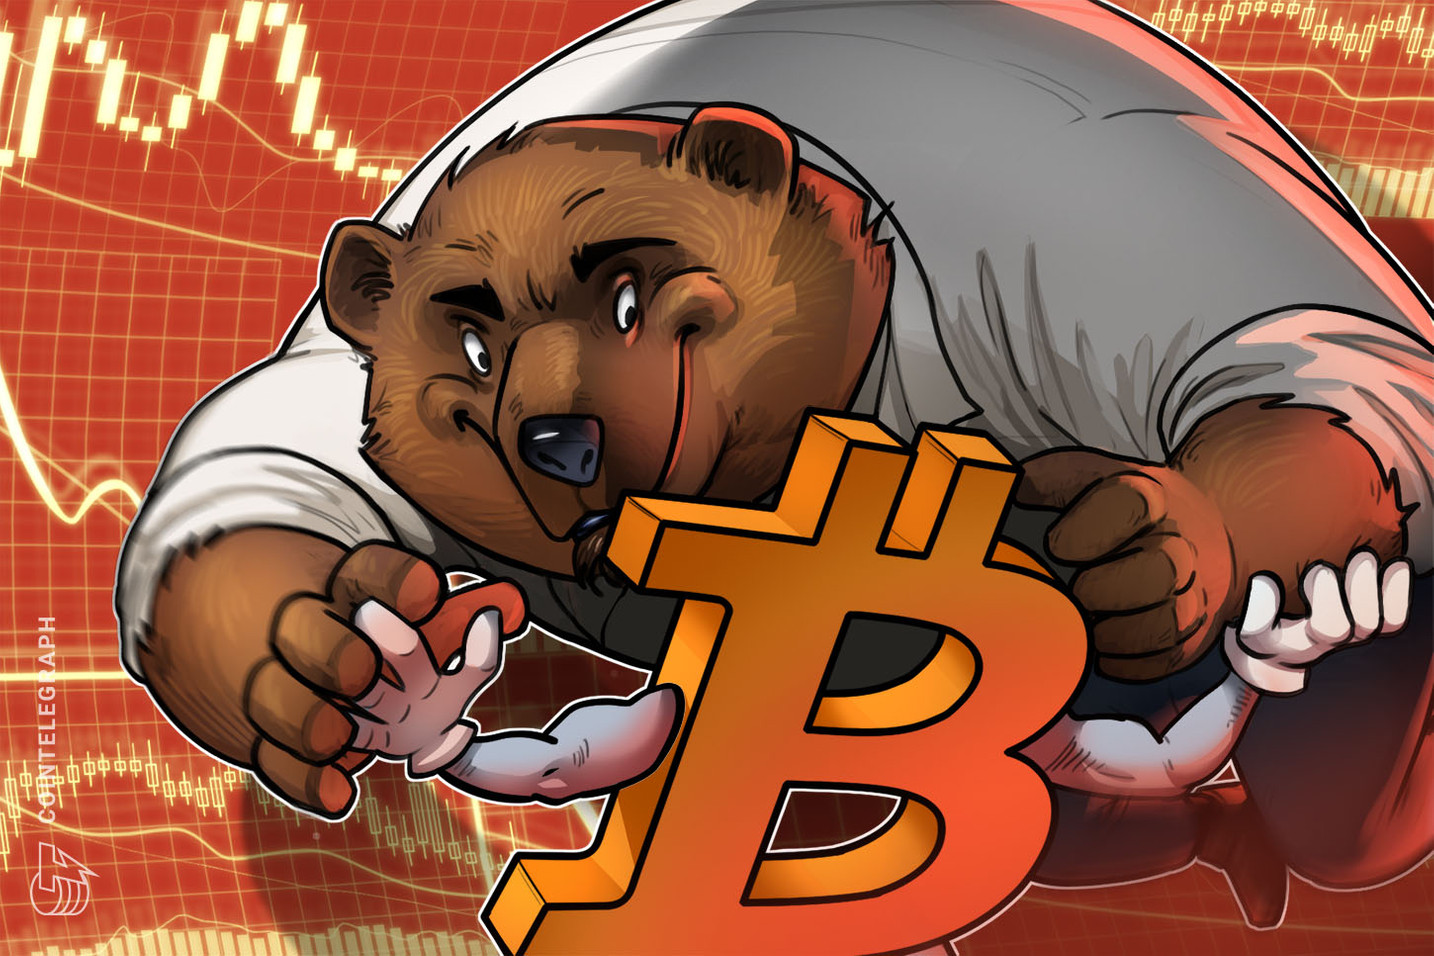 Ursos abalam o sentimento do mercado de Bitcoin enquanto as posições vendidas na Bitfinex aumentam 378%